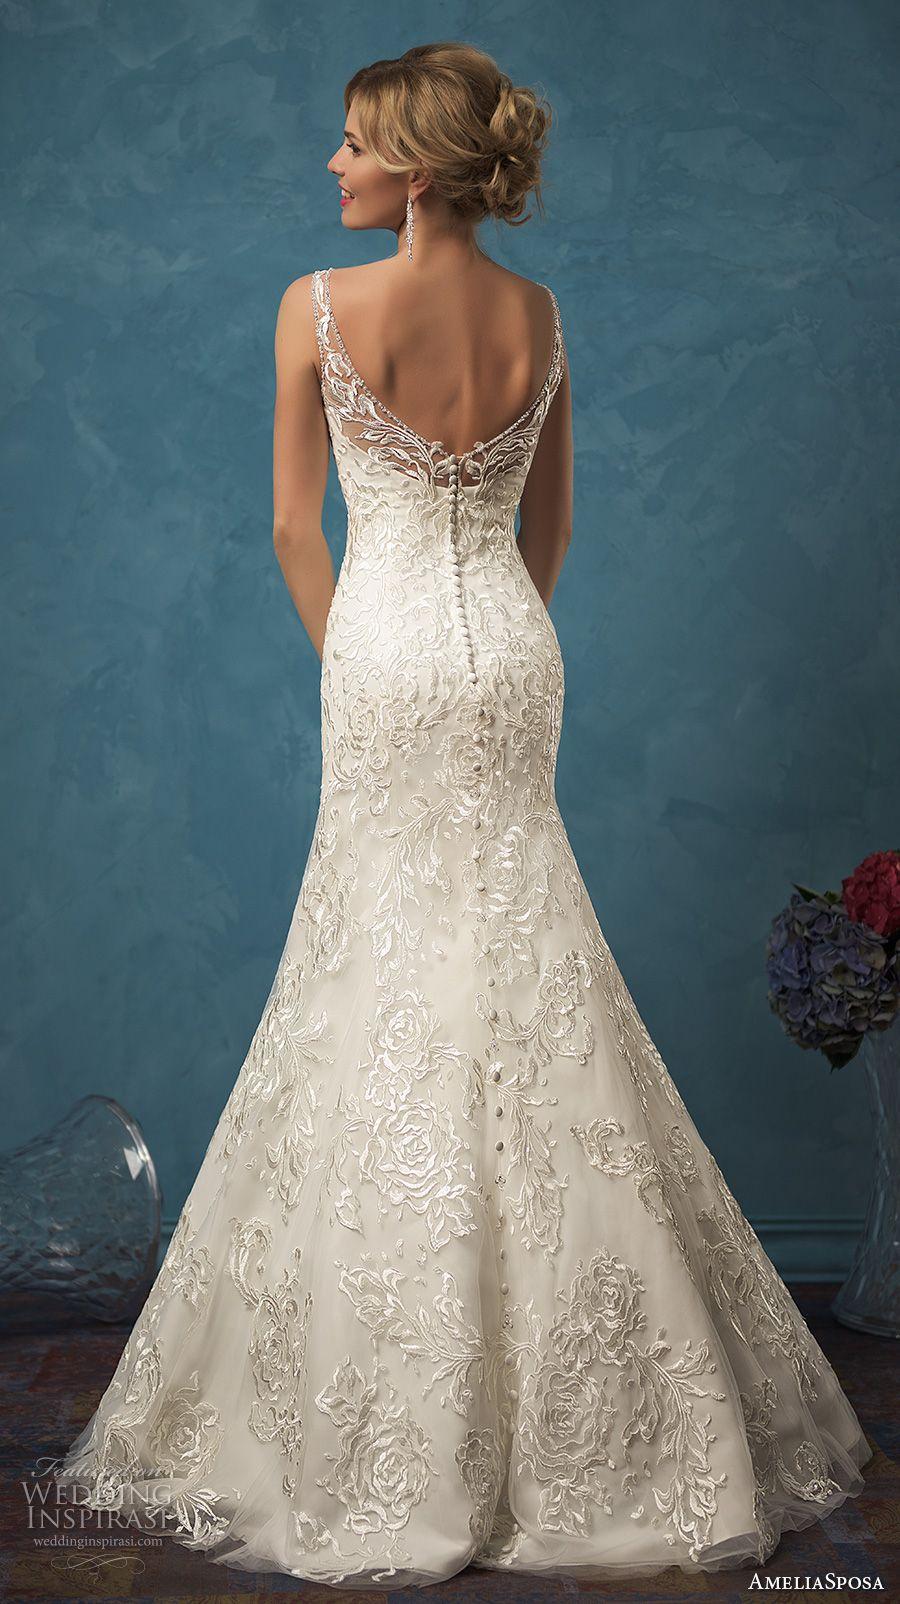 amelia sposa 2017 bridal sleeveless illusion bateau sweetheart neckline fully embellished elegant mermaid wedding dress open back brush train (sarah) bv